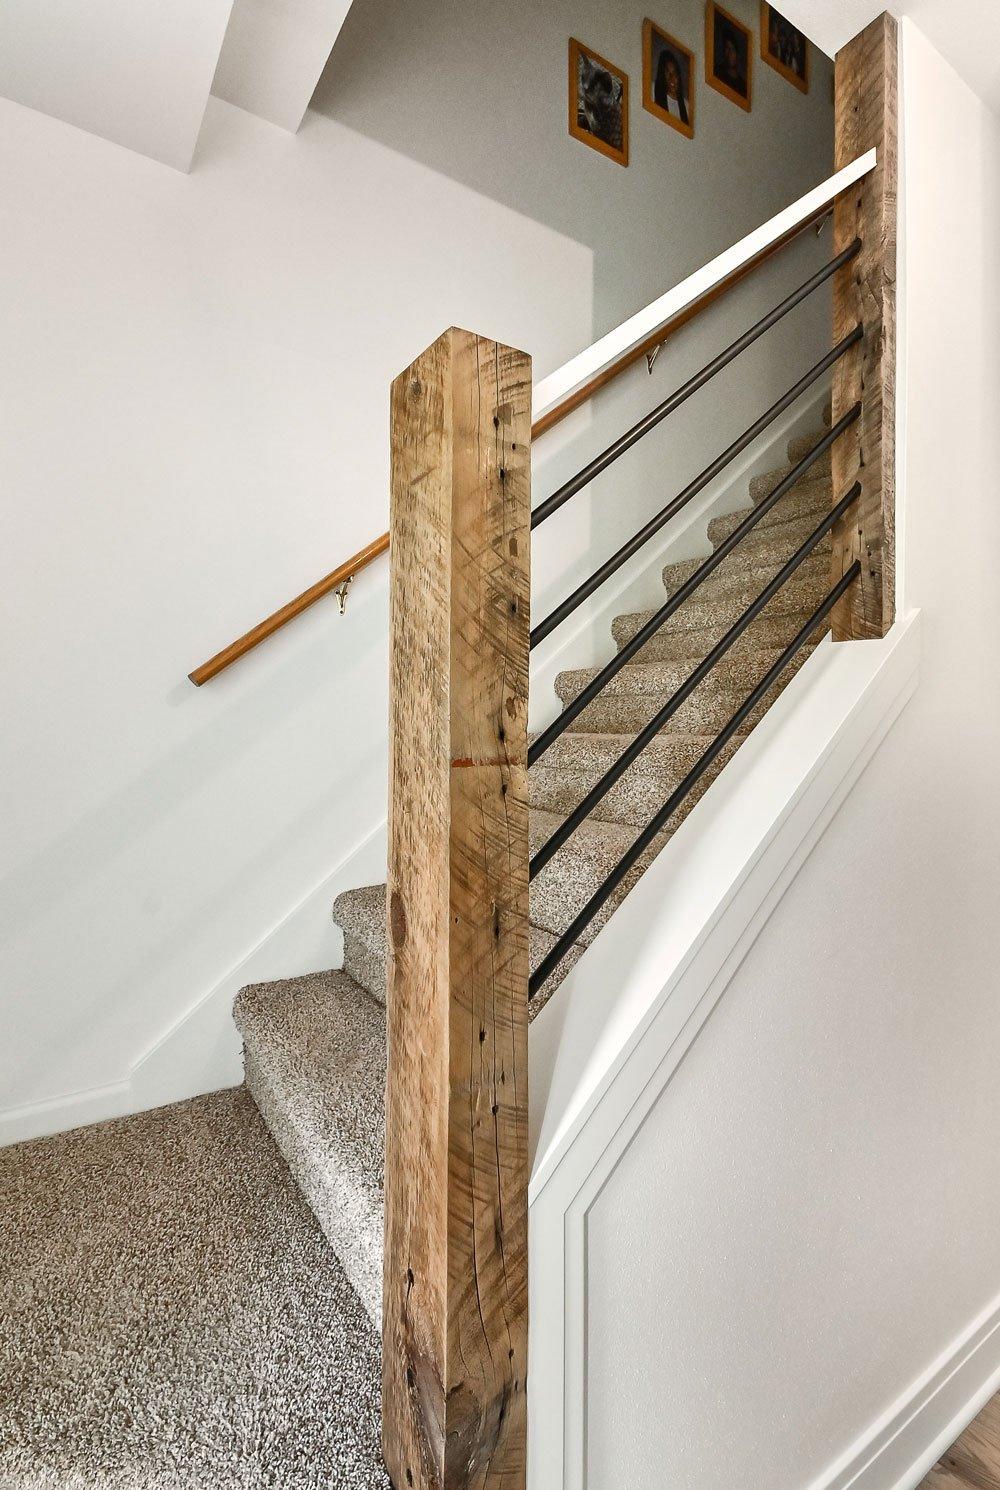 Mukwonago stairs